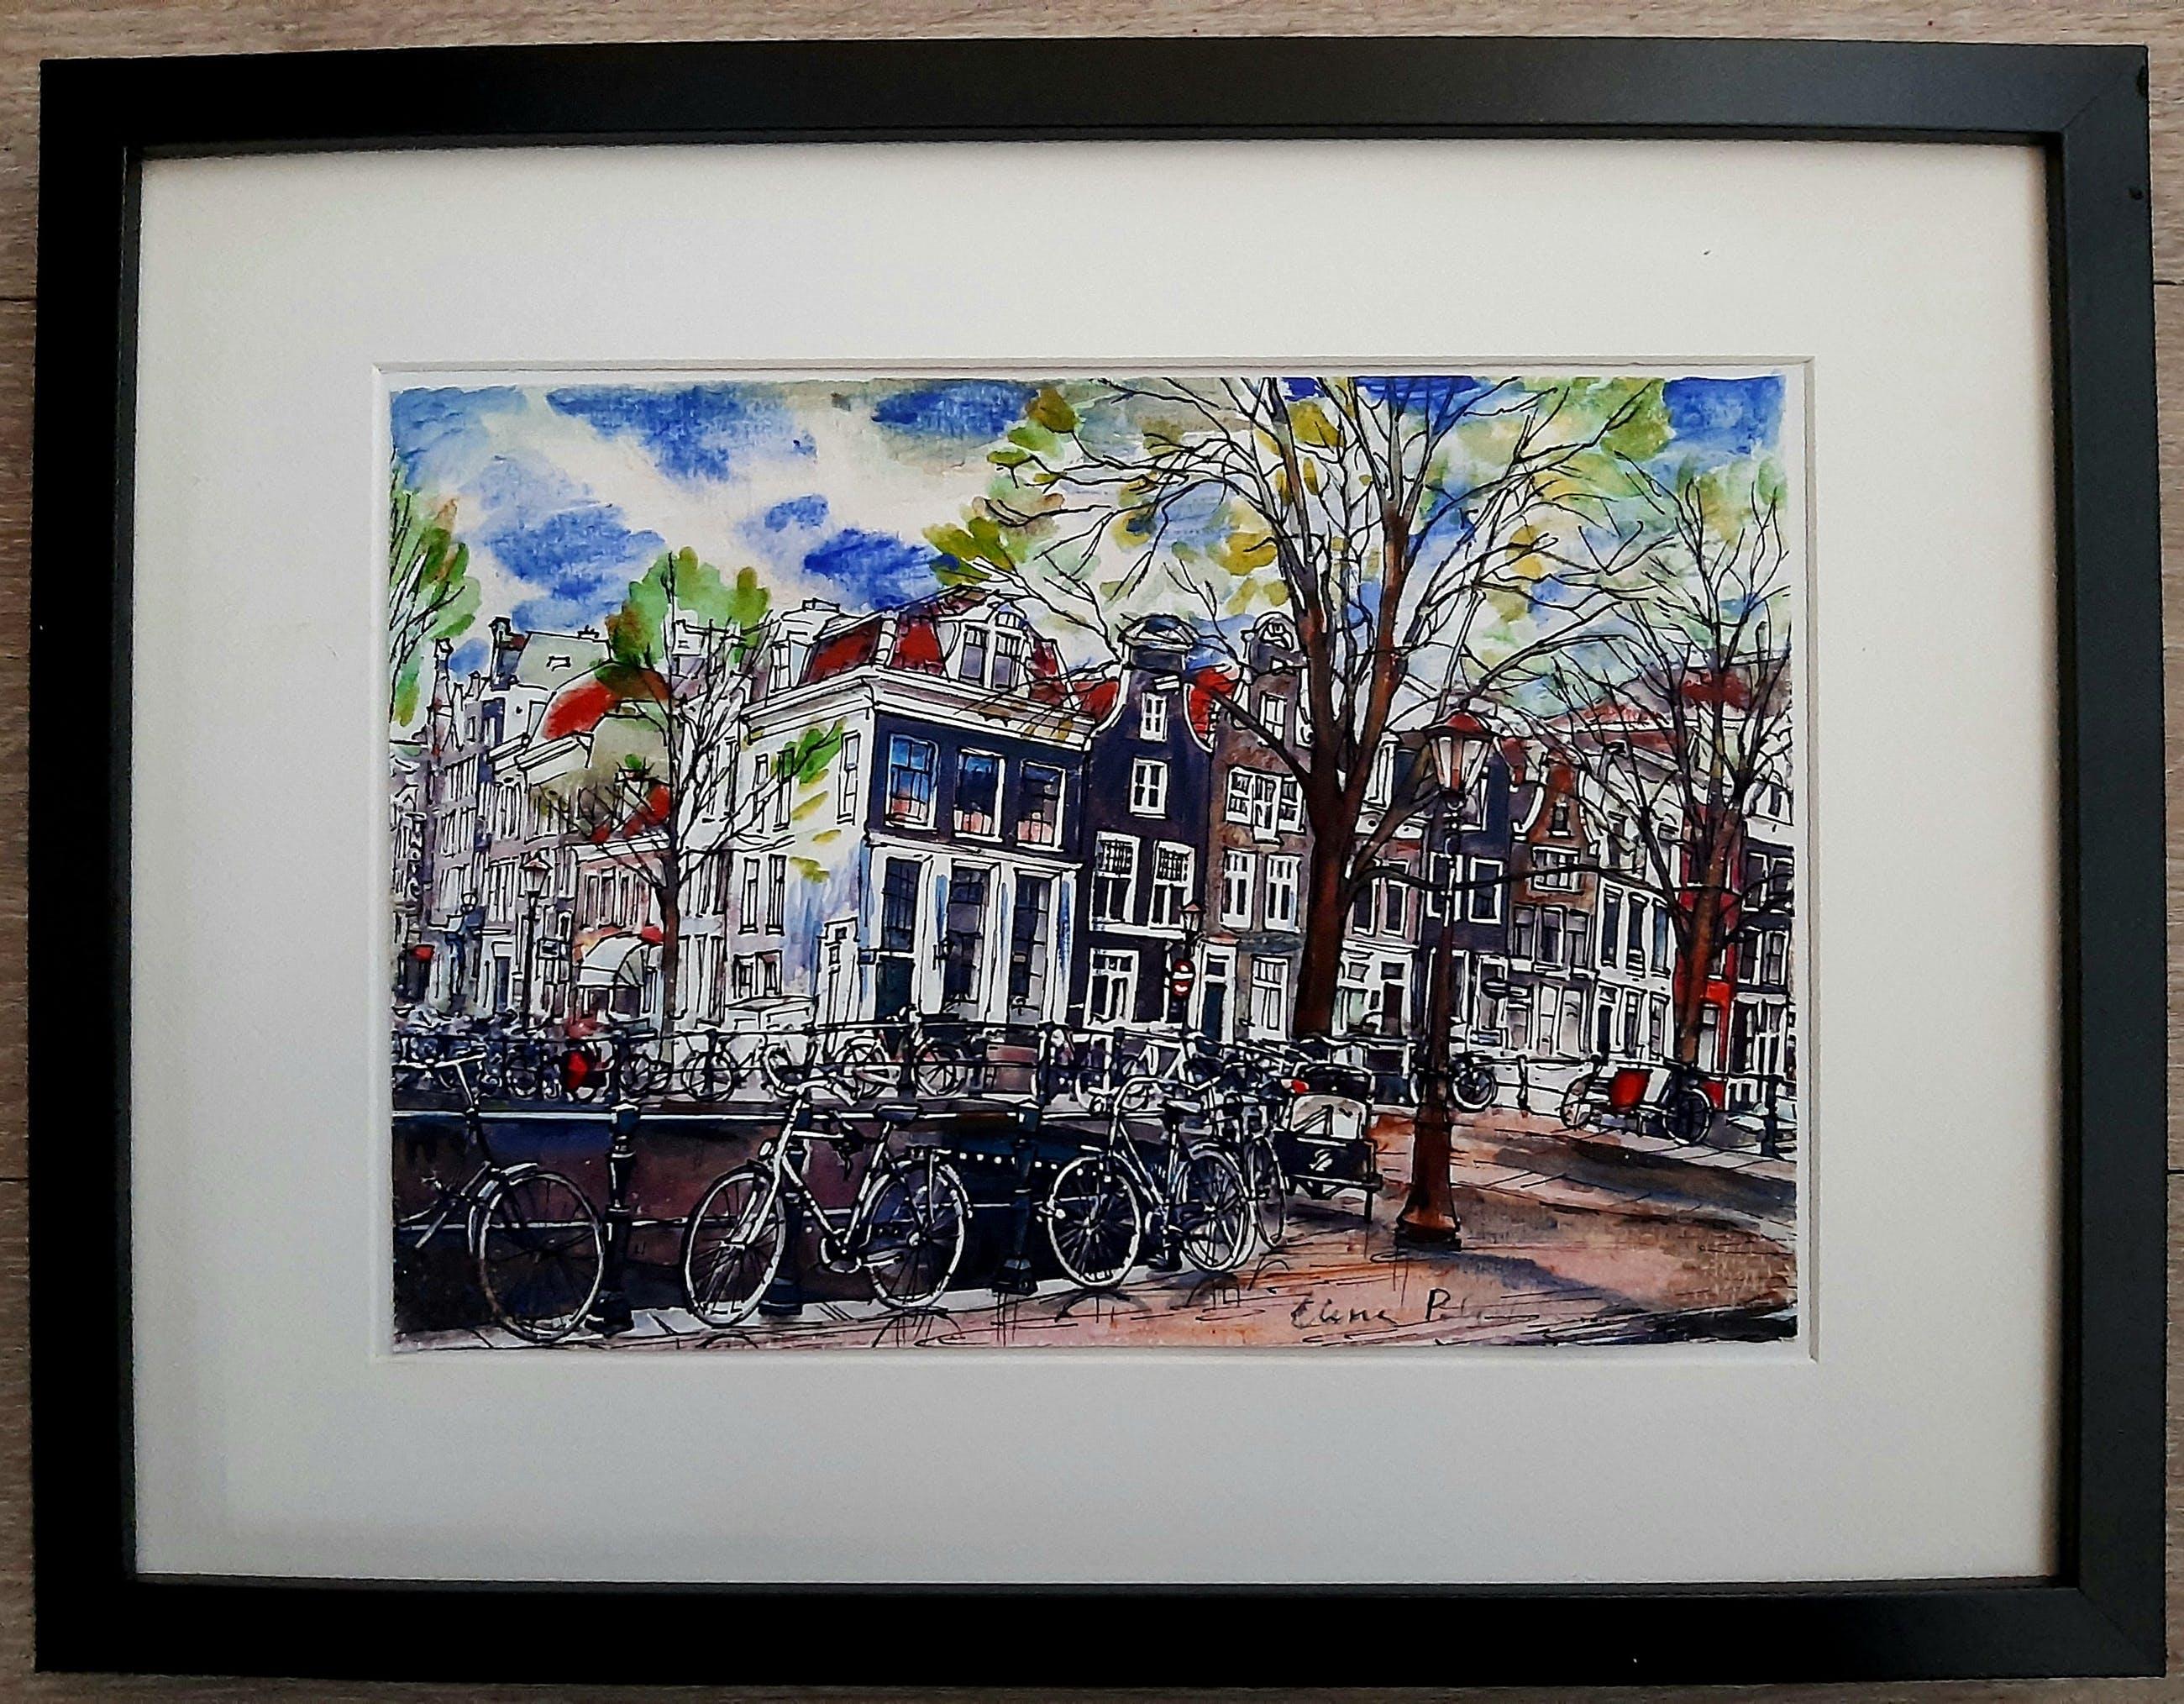 Elena Polyakova - Nieuwe spiegel gracht in Amsterdam kopen? Bied vanaf 45!